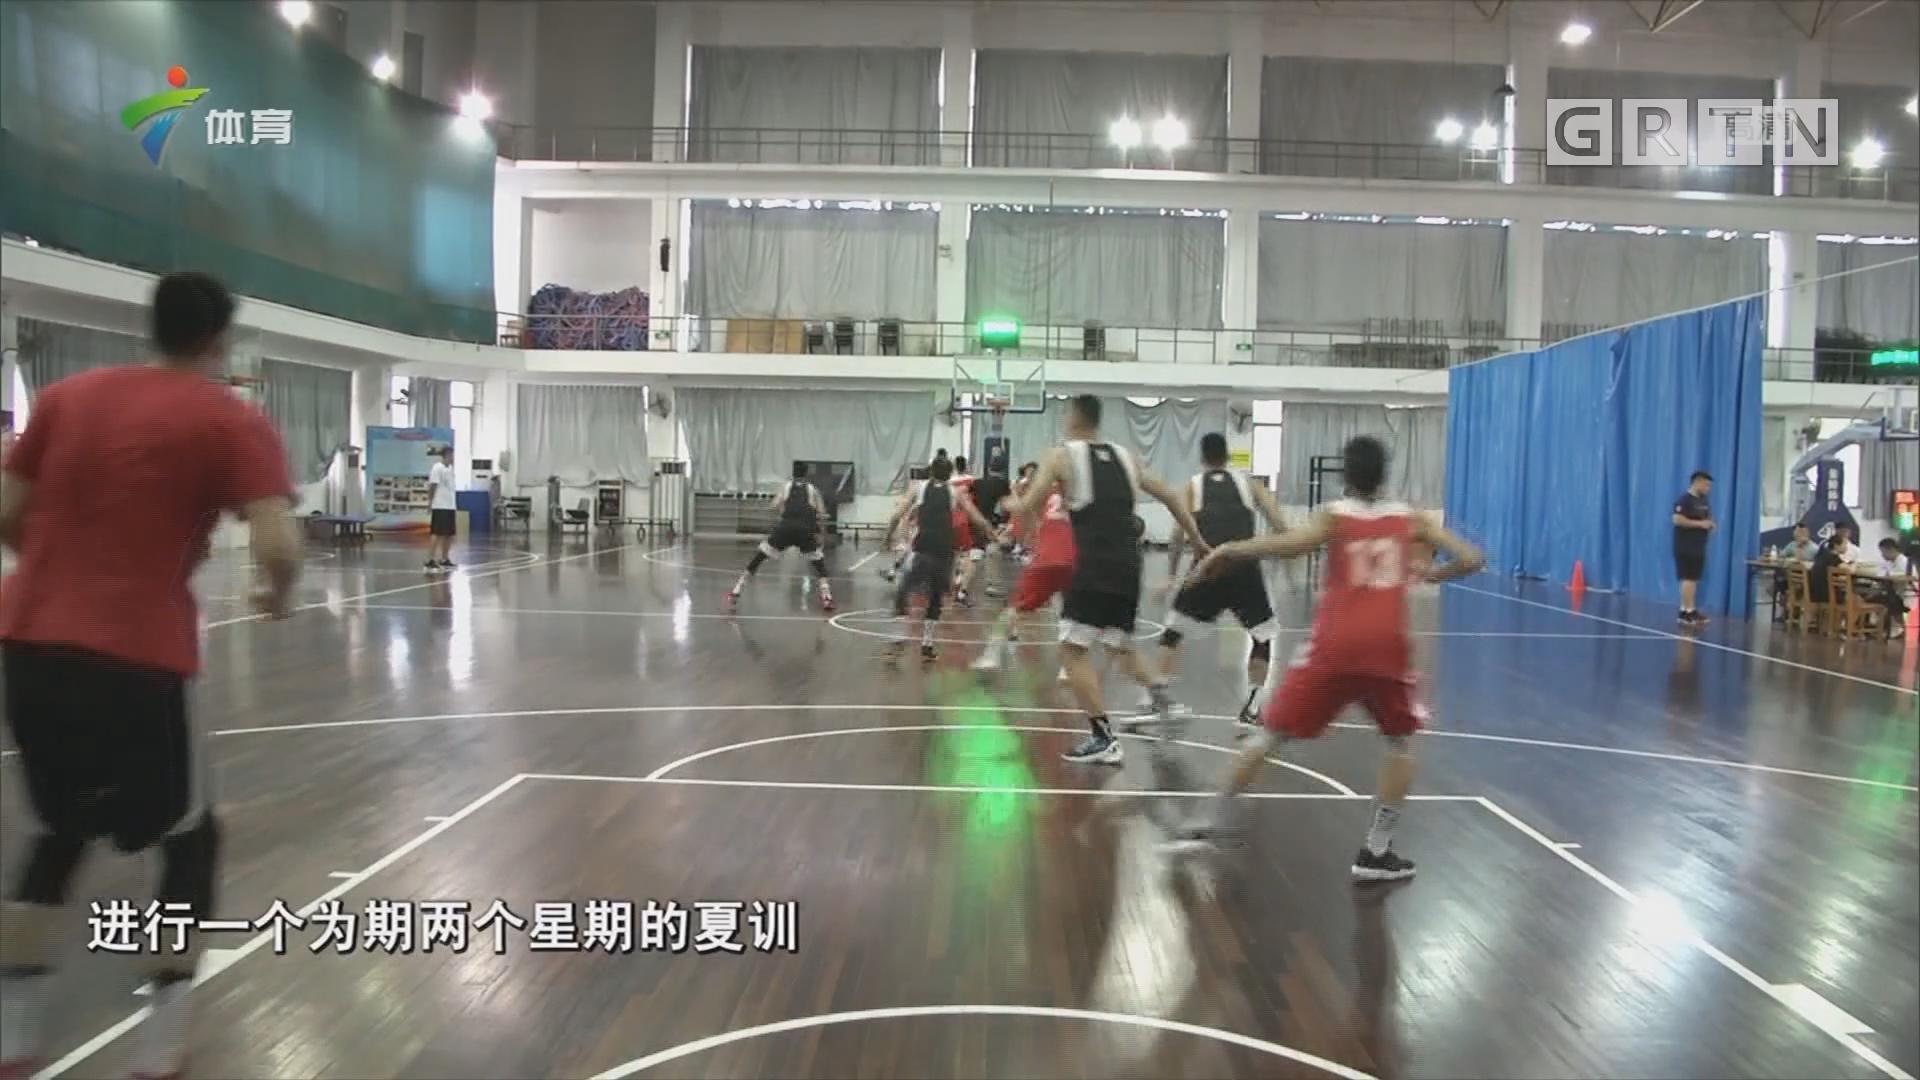 广东队参加夏训